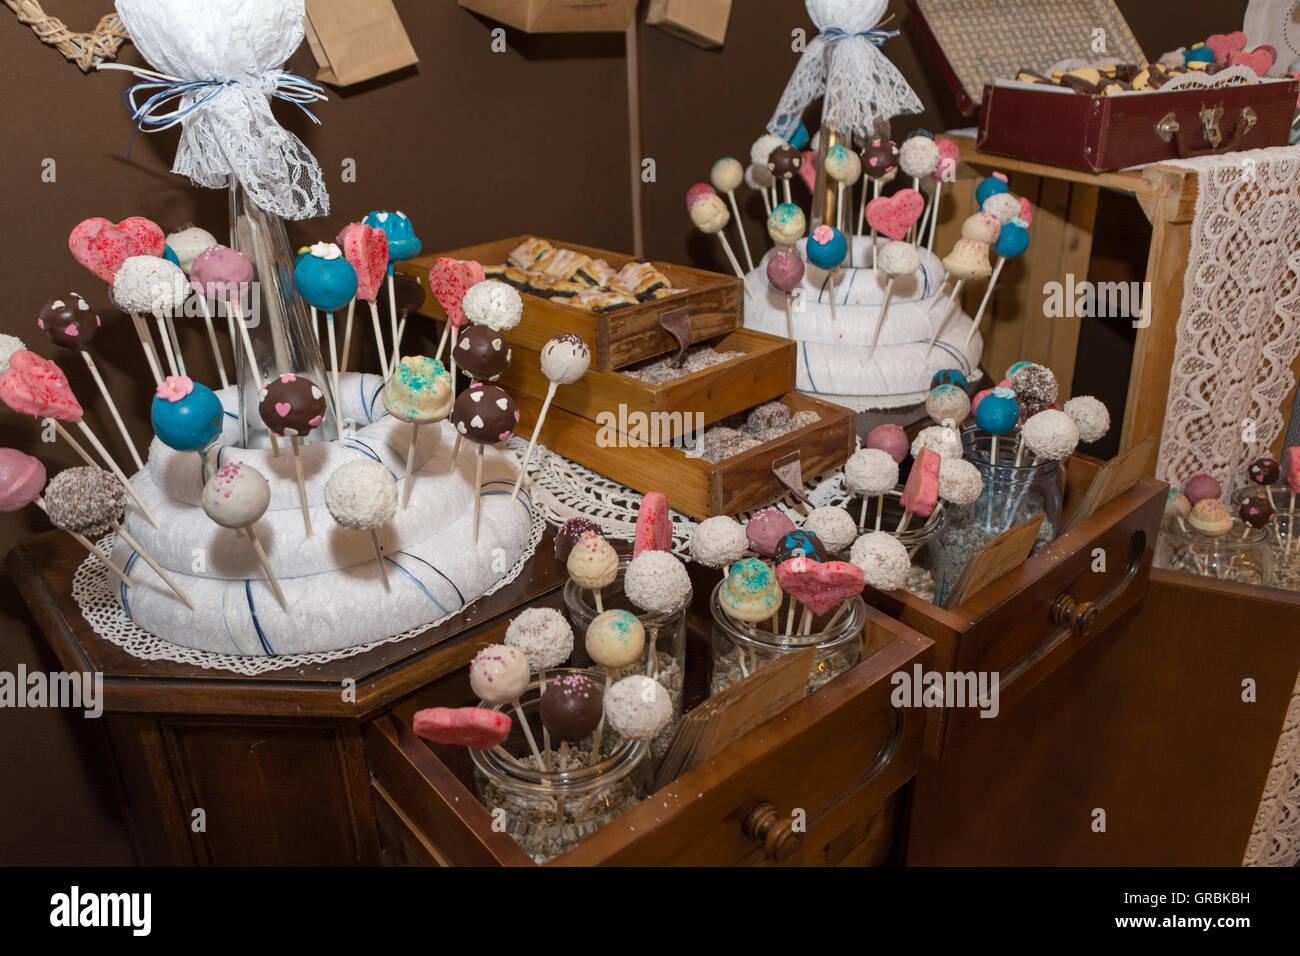 Zahlreiche Bunte Kuchen Am Stiel - Stock Image